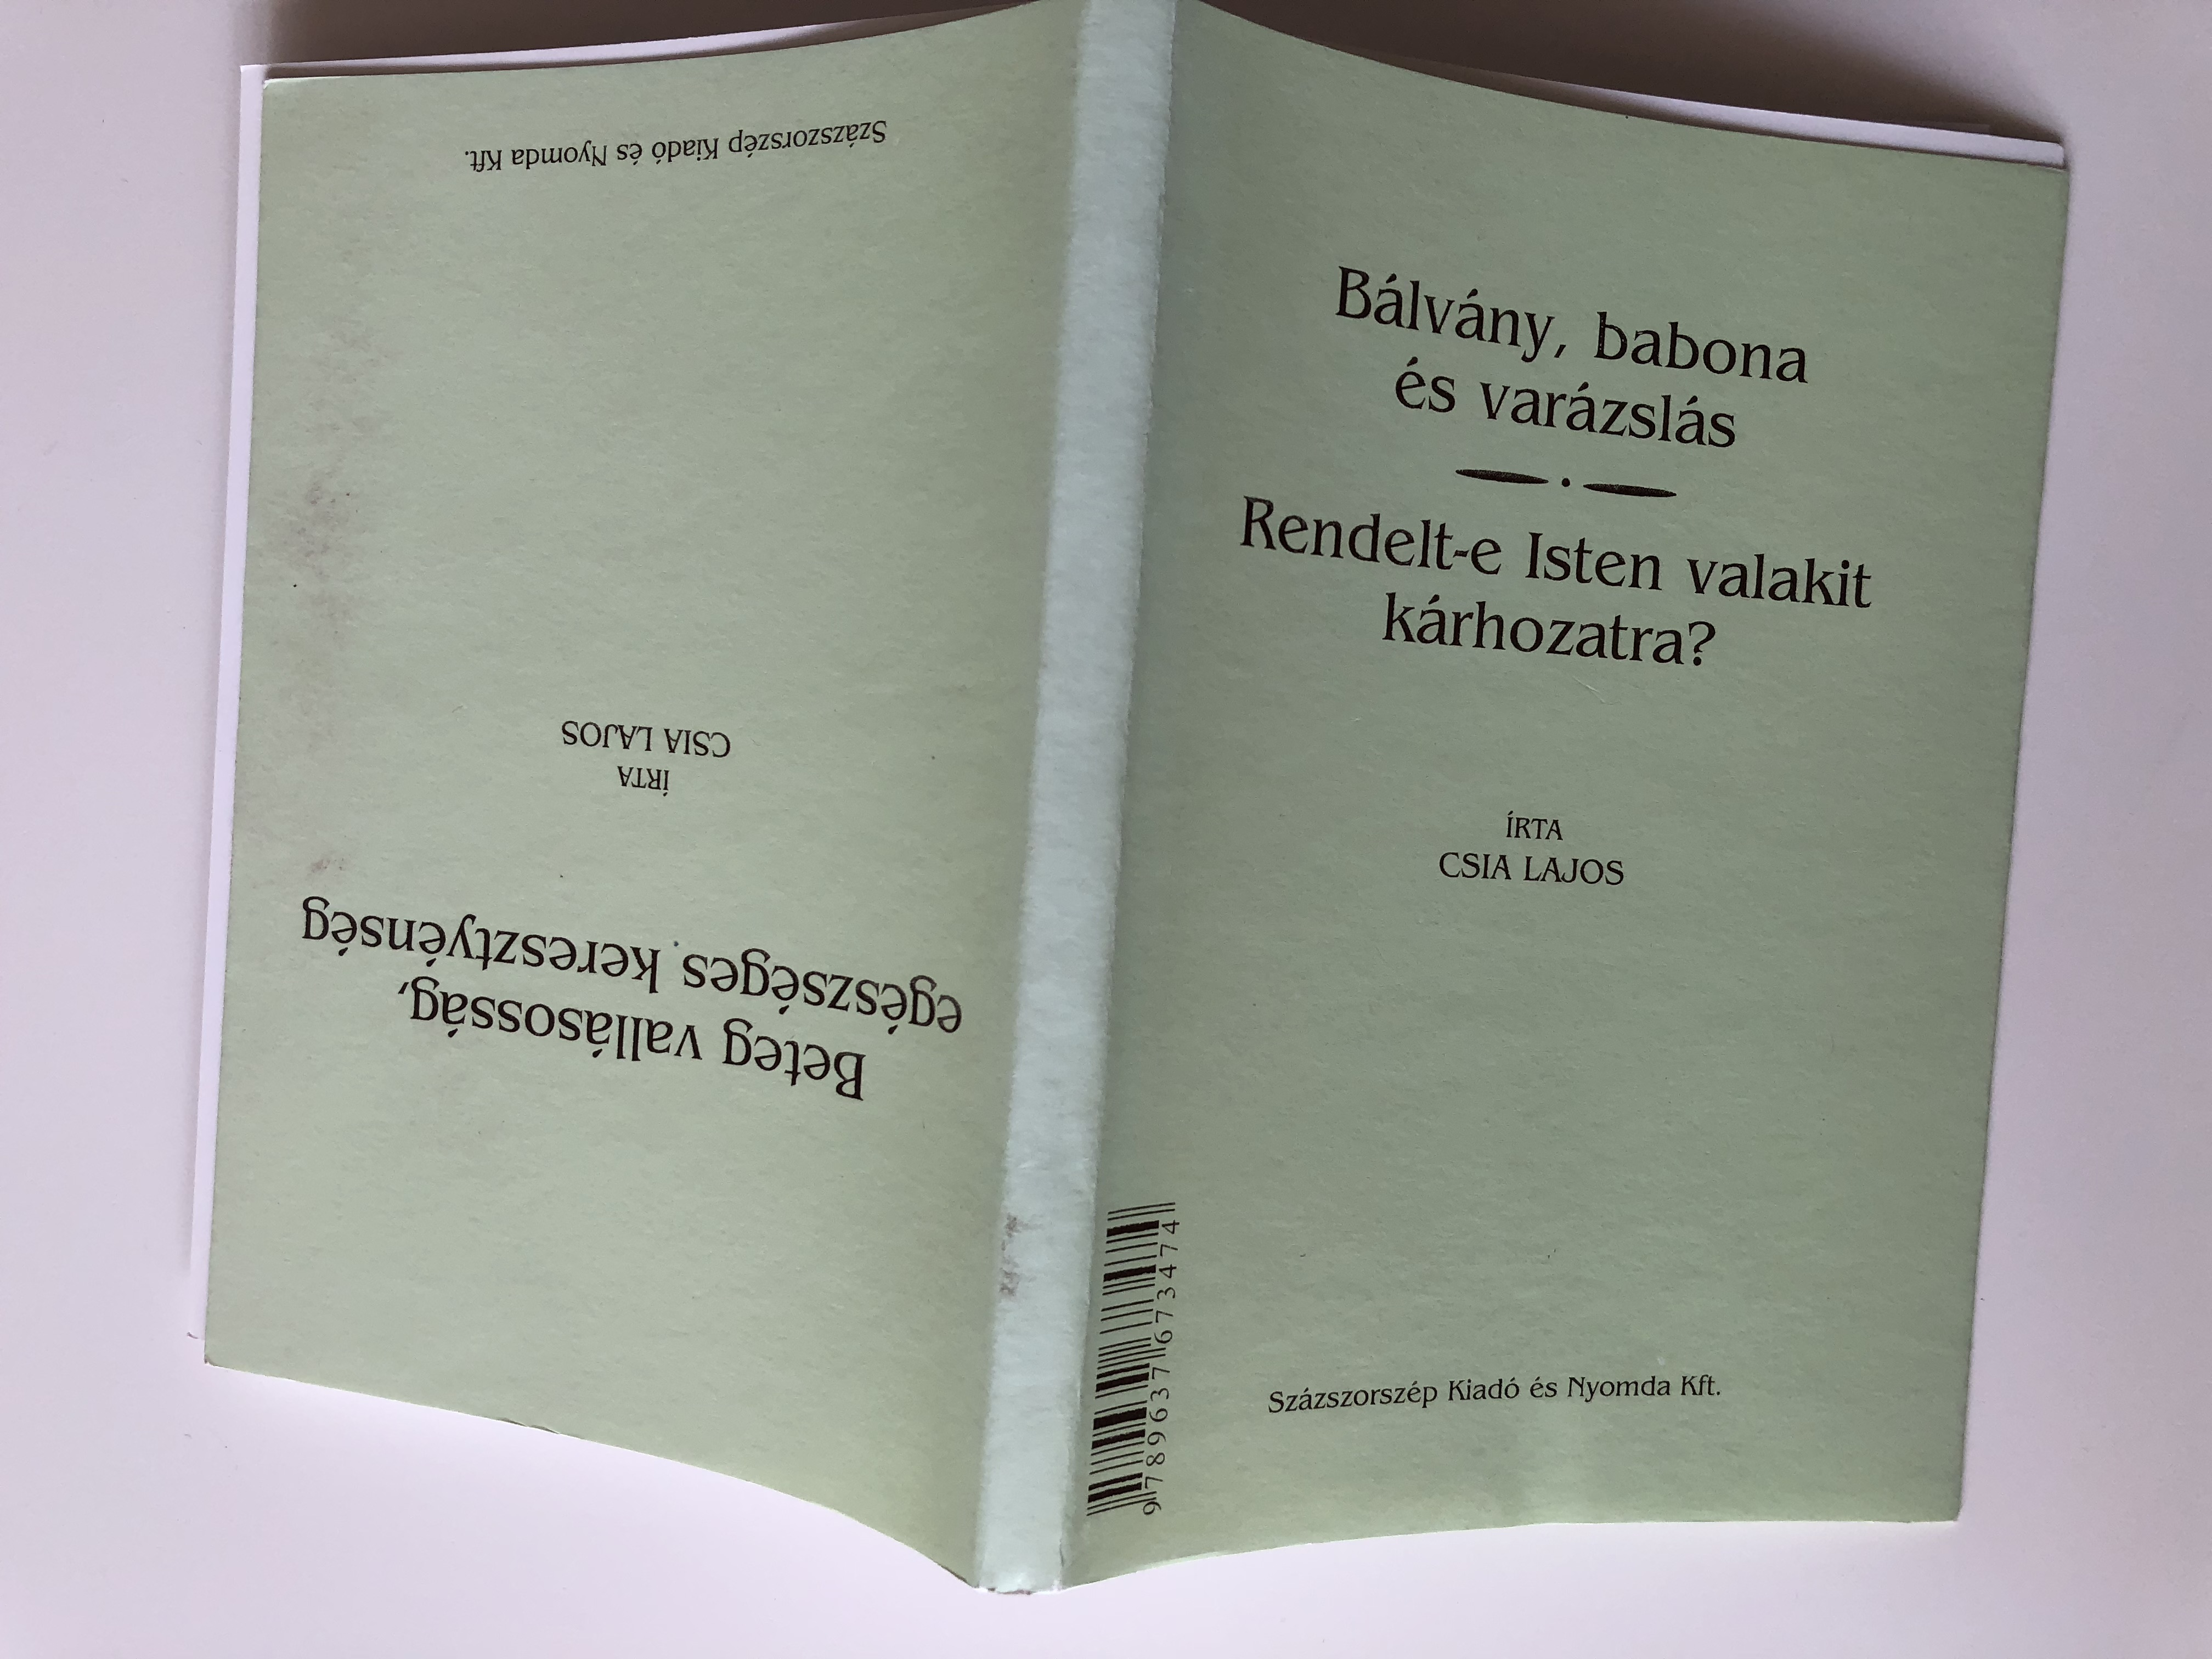 beteg-vall-soss-g-eg-szs-ges-kereszty-nys-g-by-csia-lajos-ill-religiousness-healthy-christianity-hungarian-language-booklet-sz-zszorsz-p-kiad-2004-13-.jpg